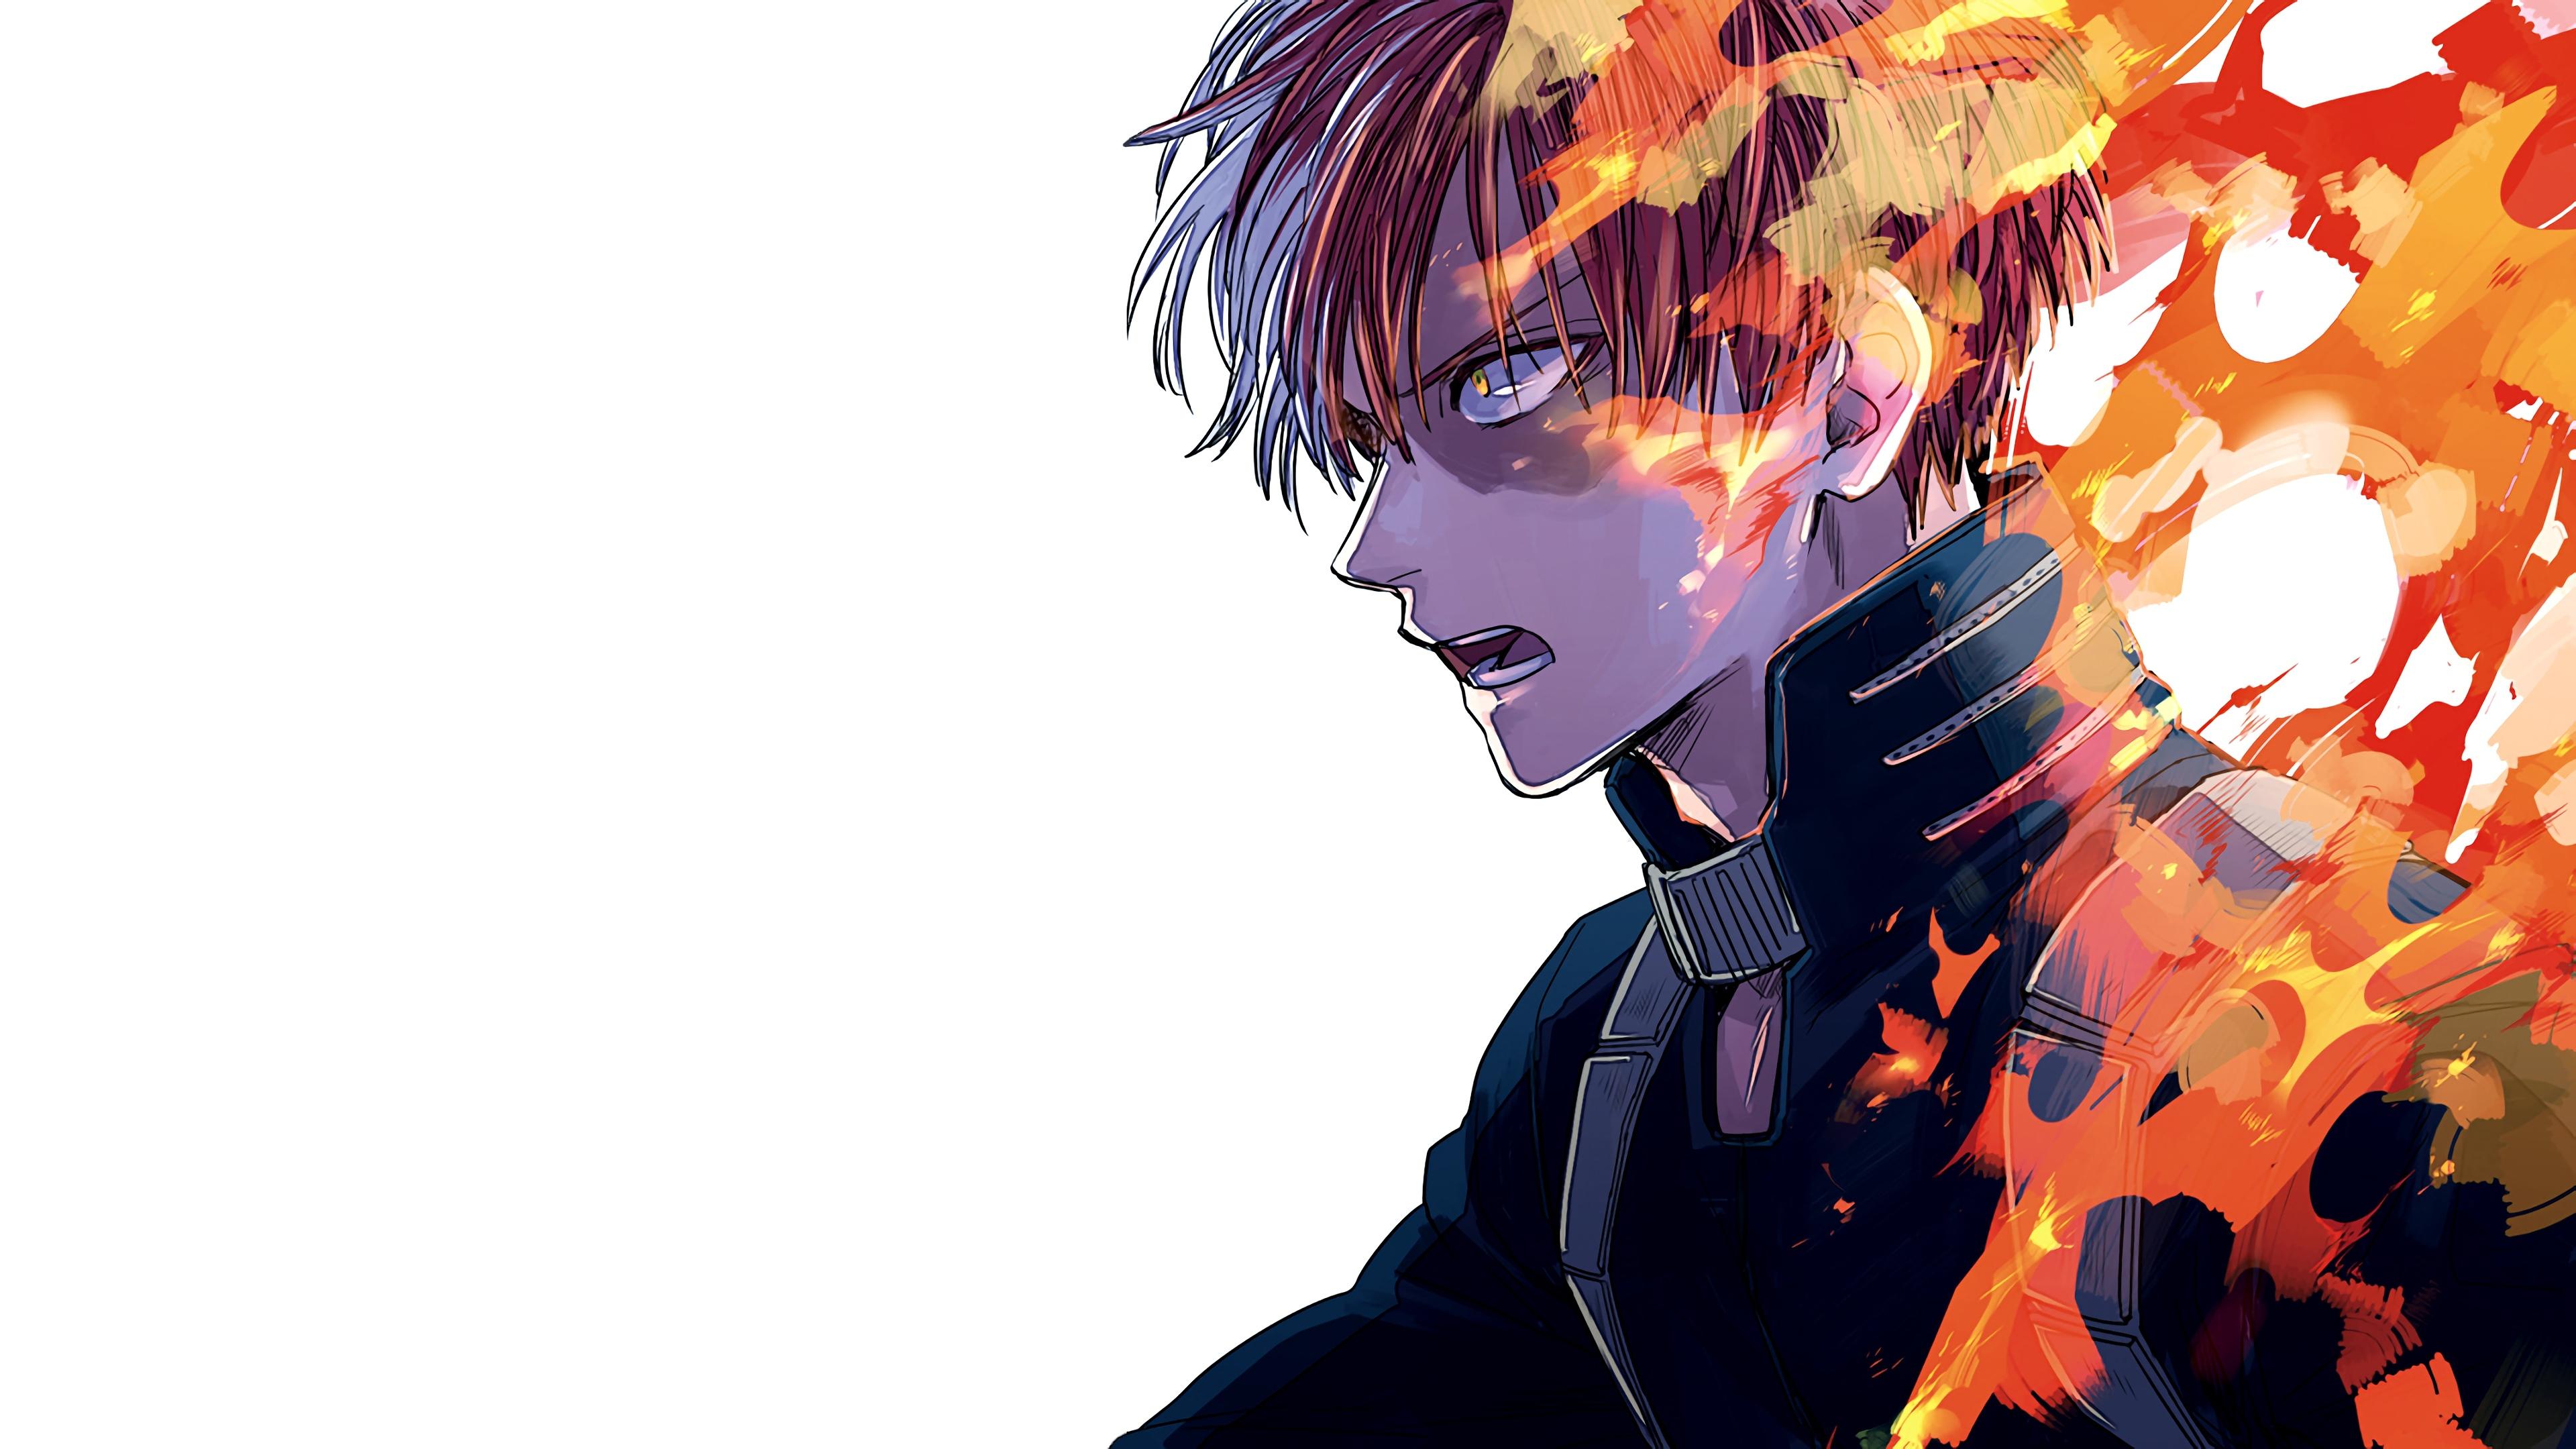 Boku no Hero background 9